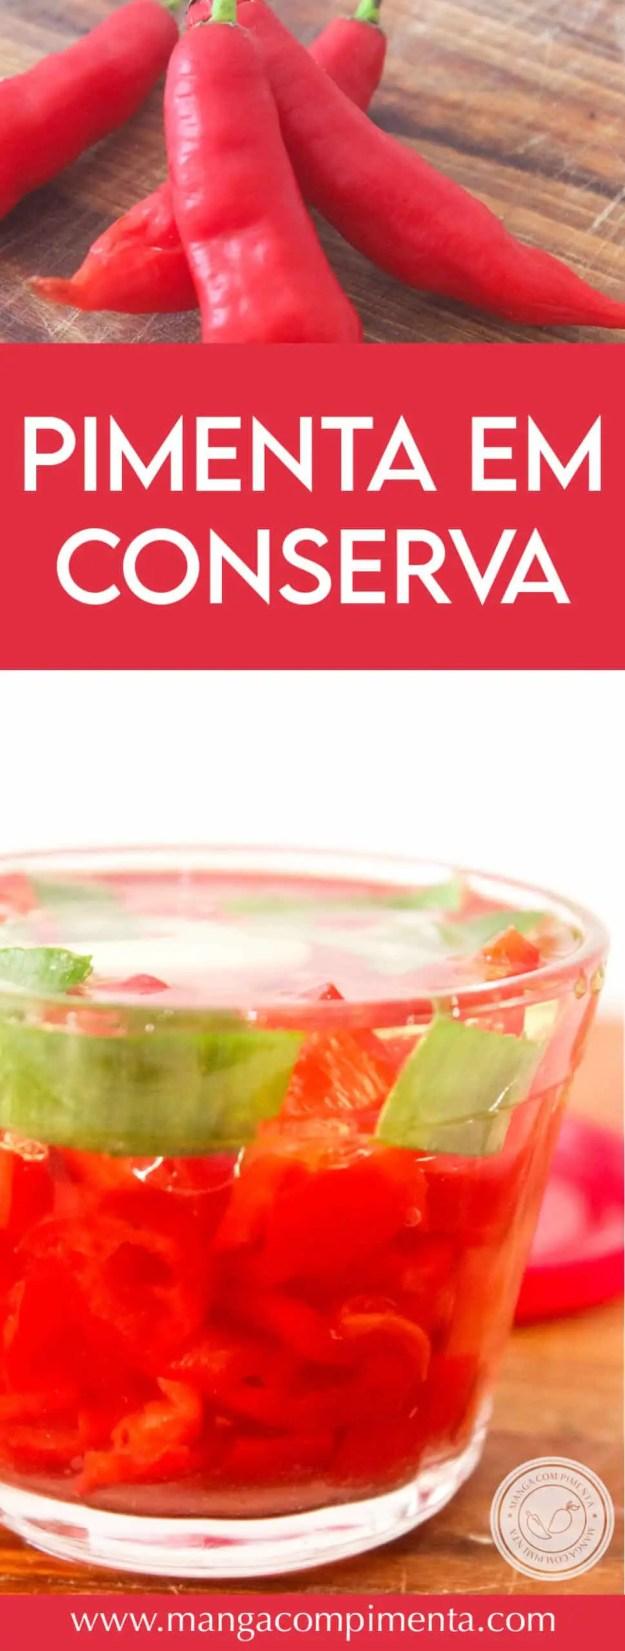 Receita de Pimenta em Conserva - deixe o seu almoço ou jantar com o sabor mais picante!